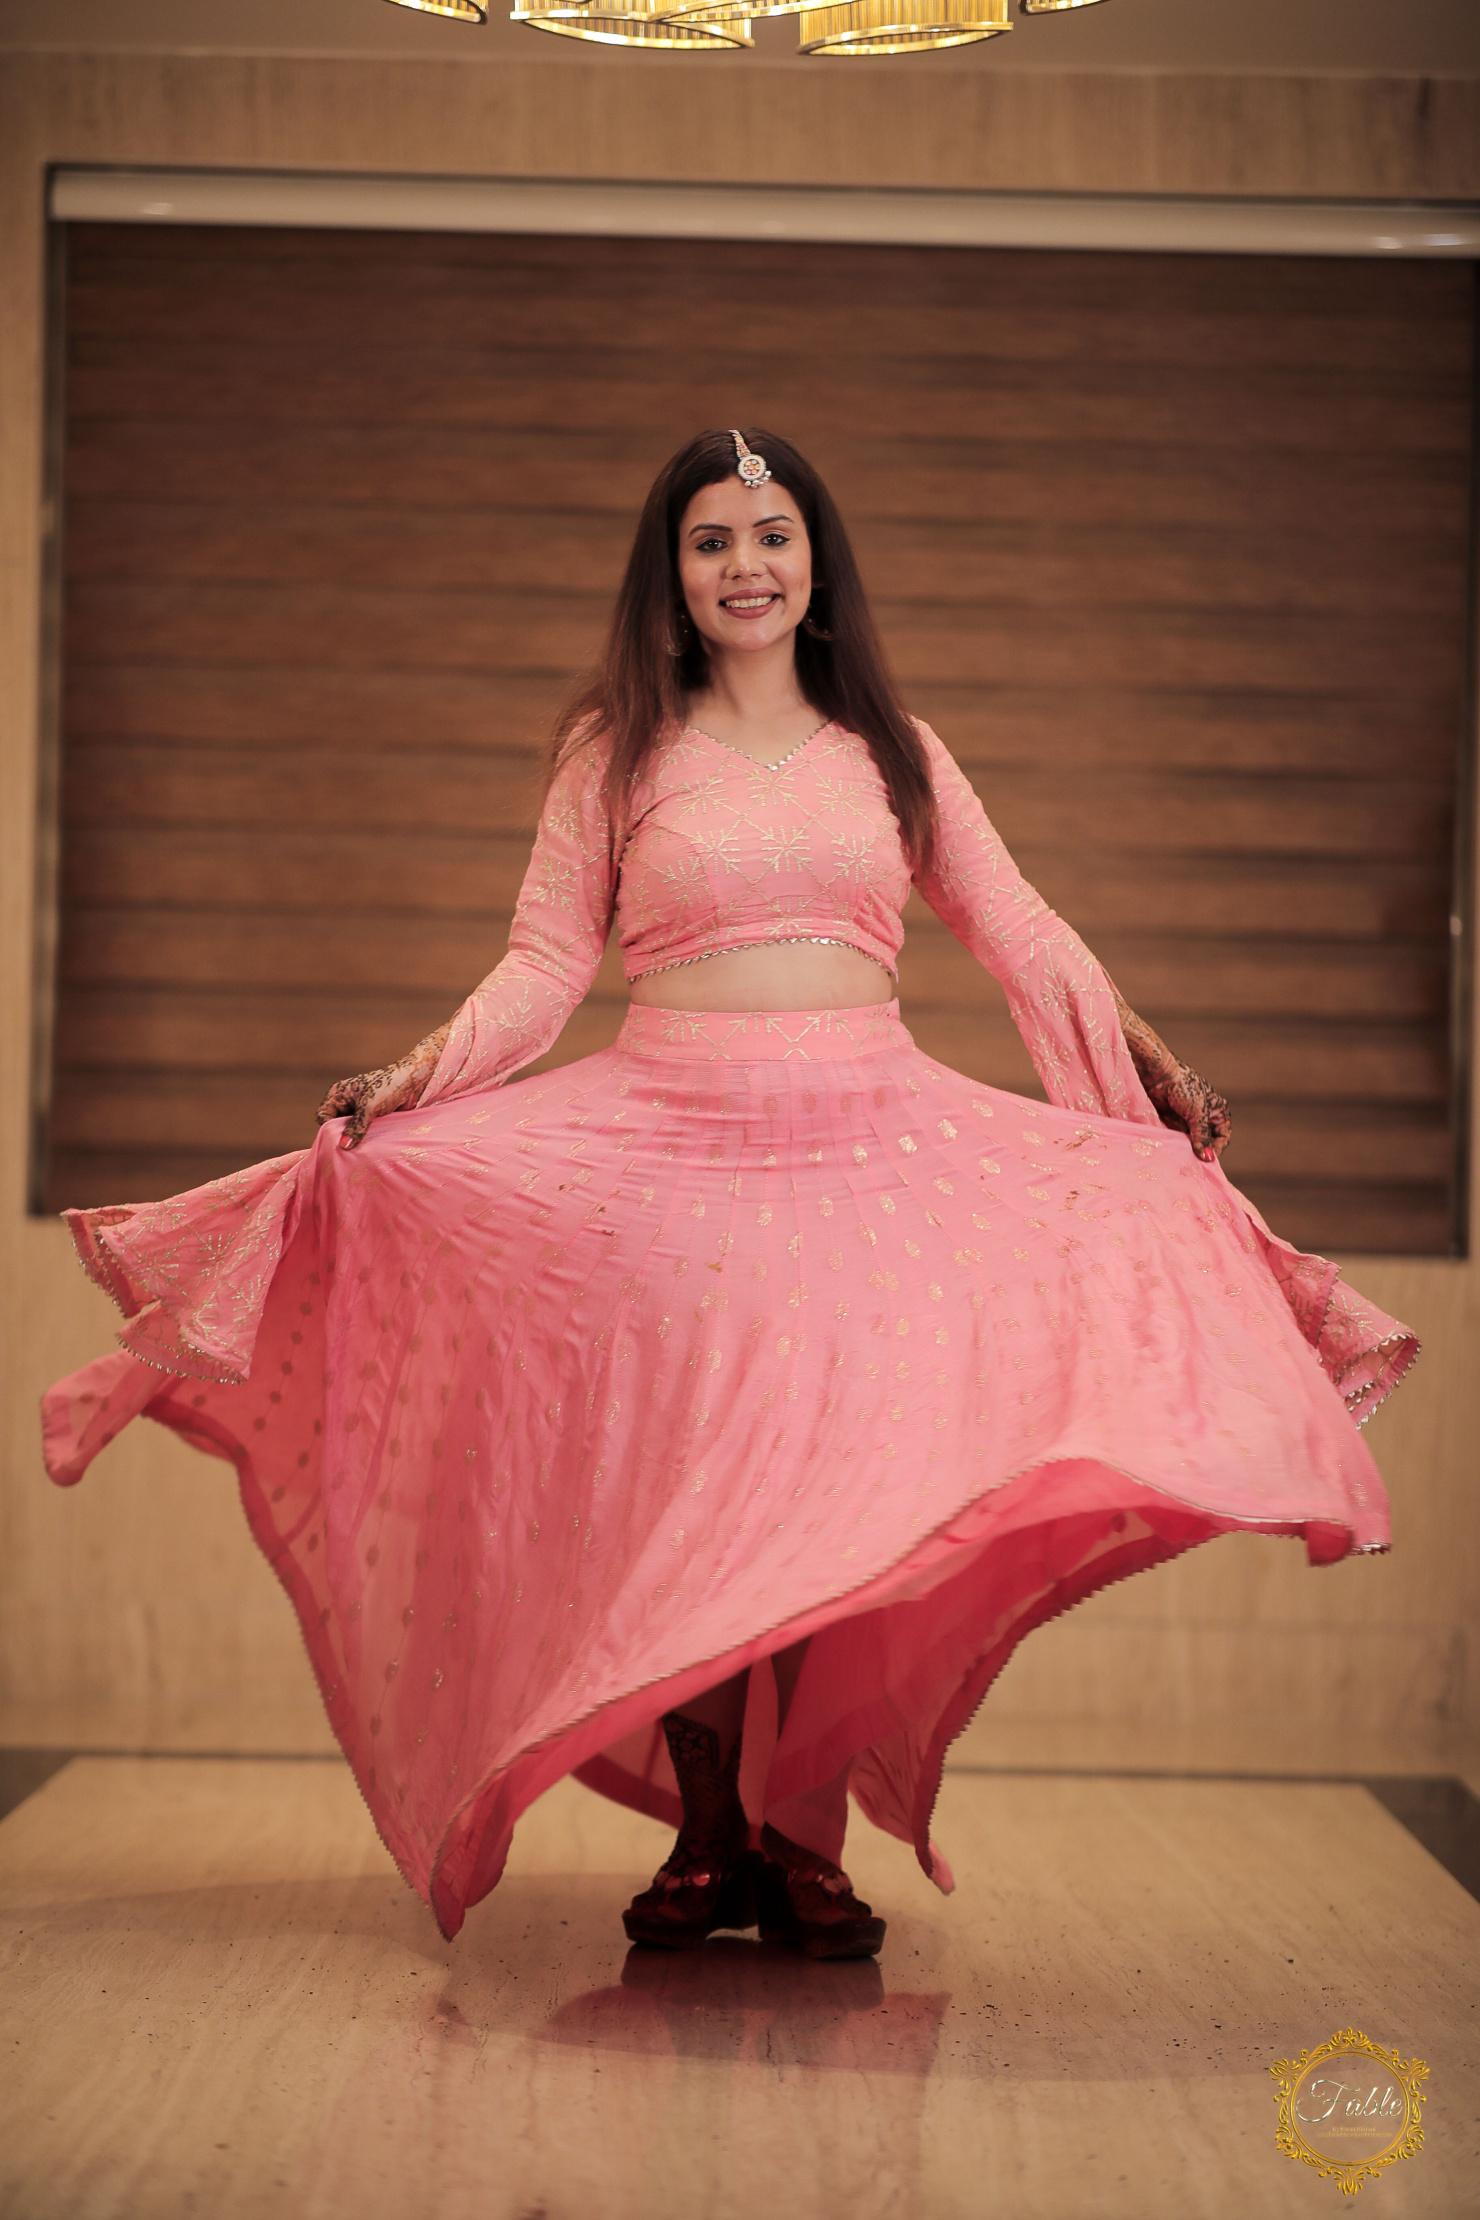 punjabi bride twirls in her pink lehenga